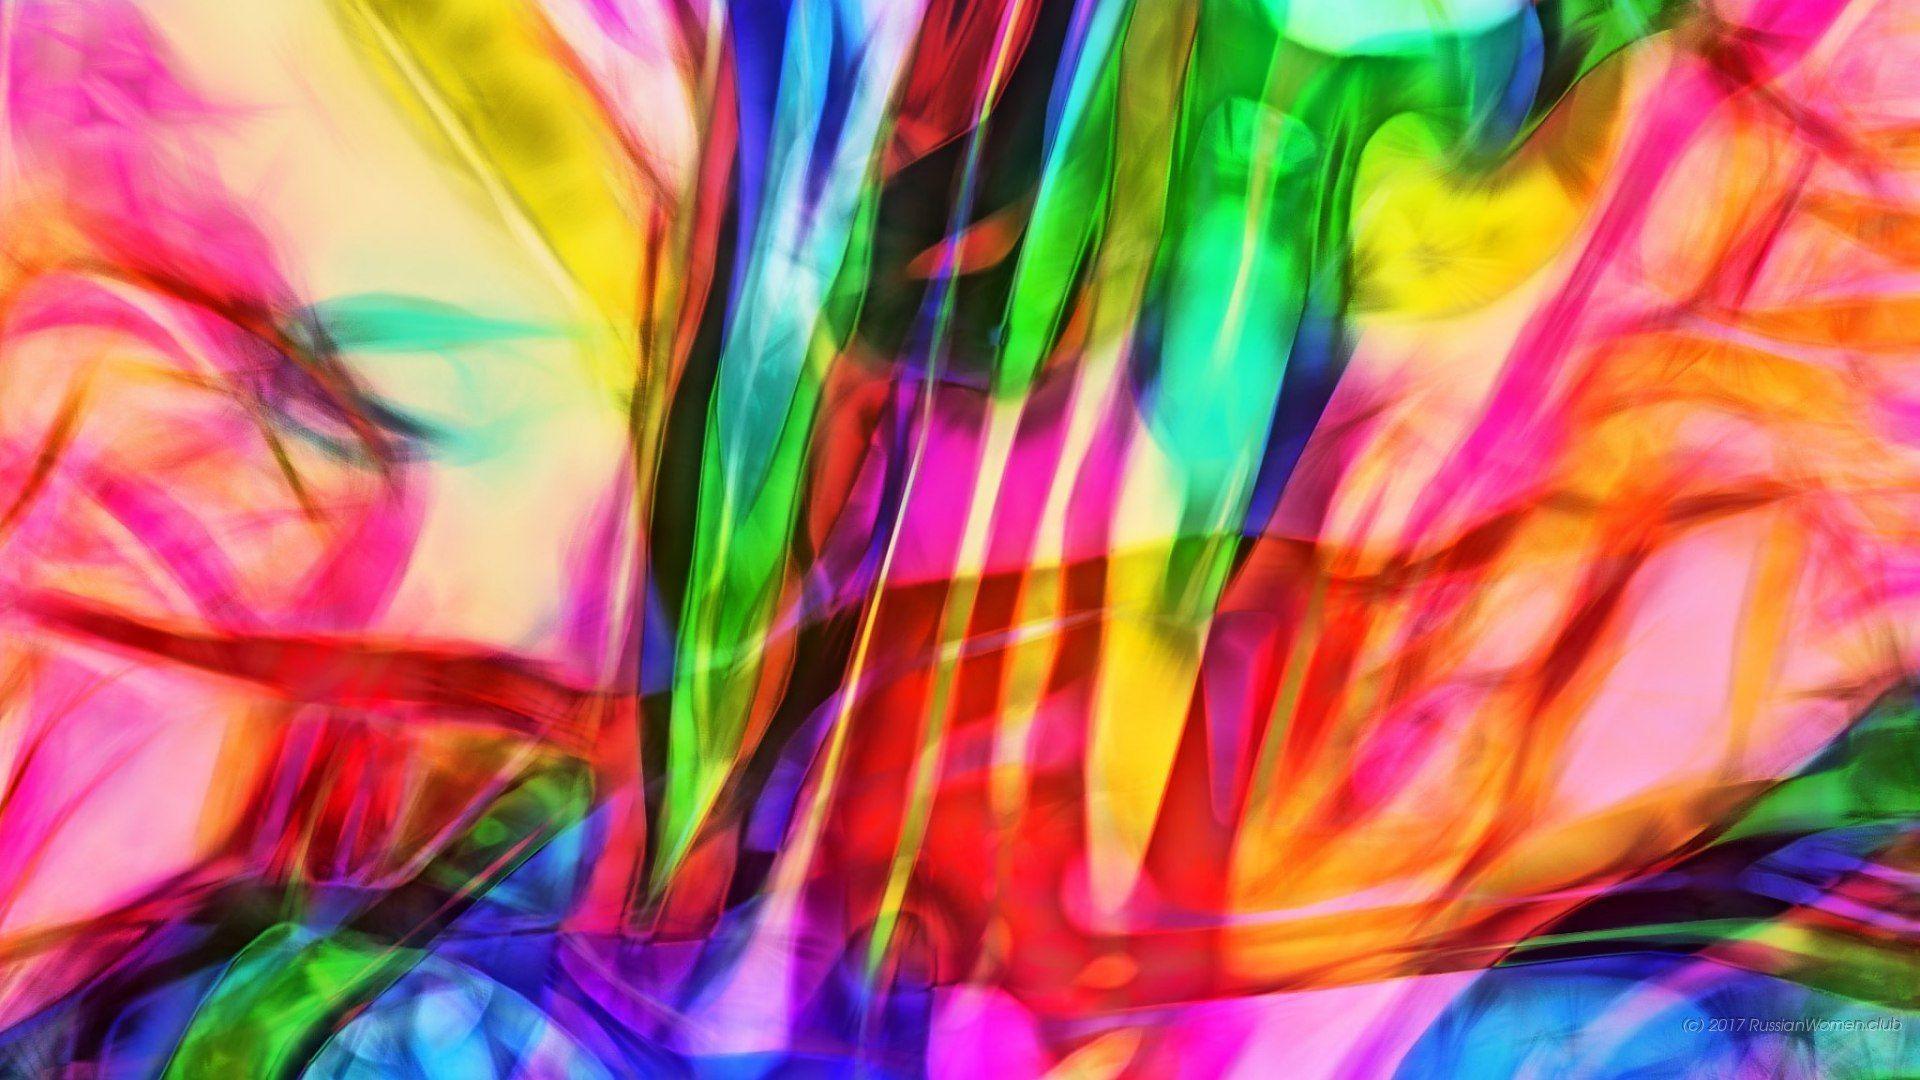 Alcatel background image